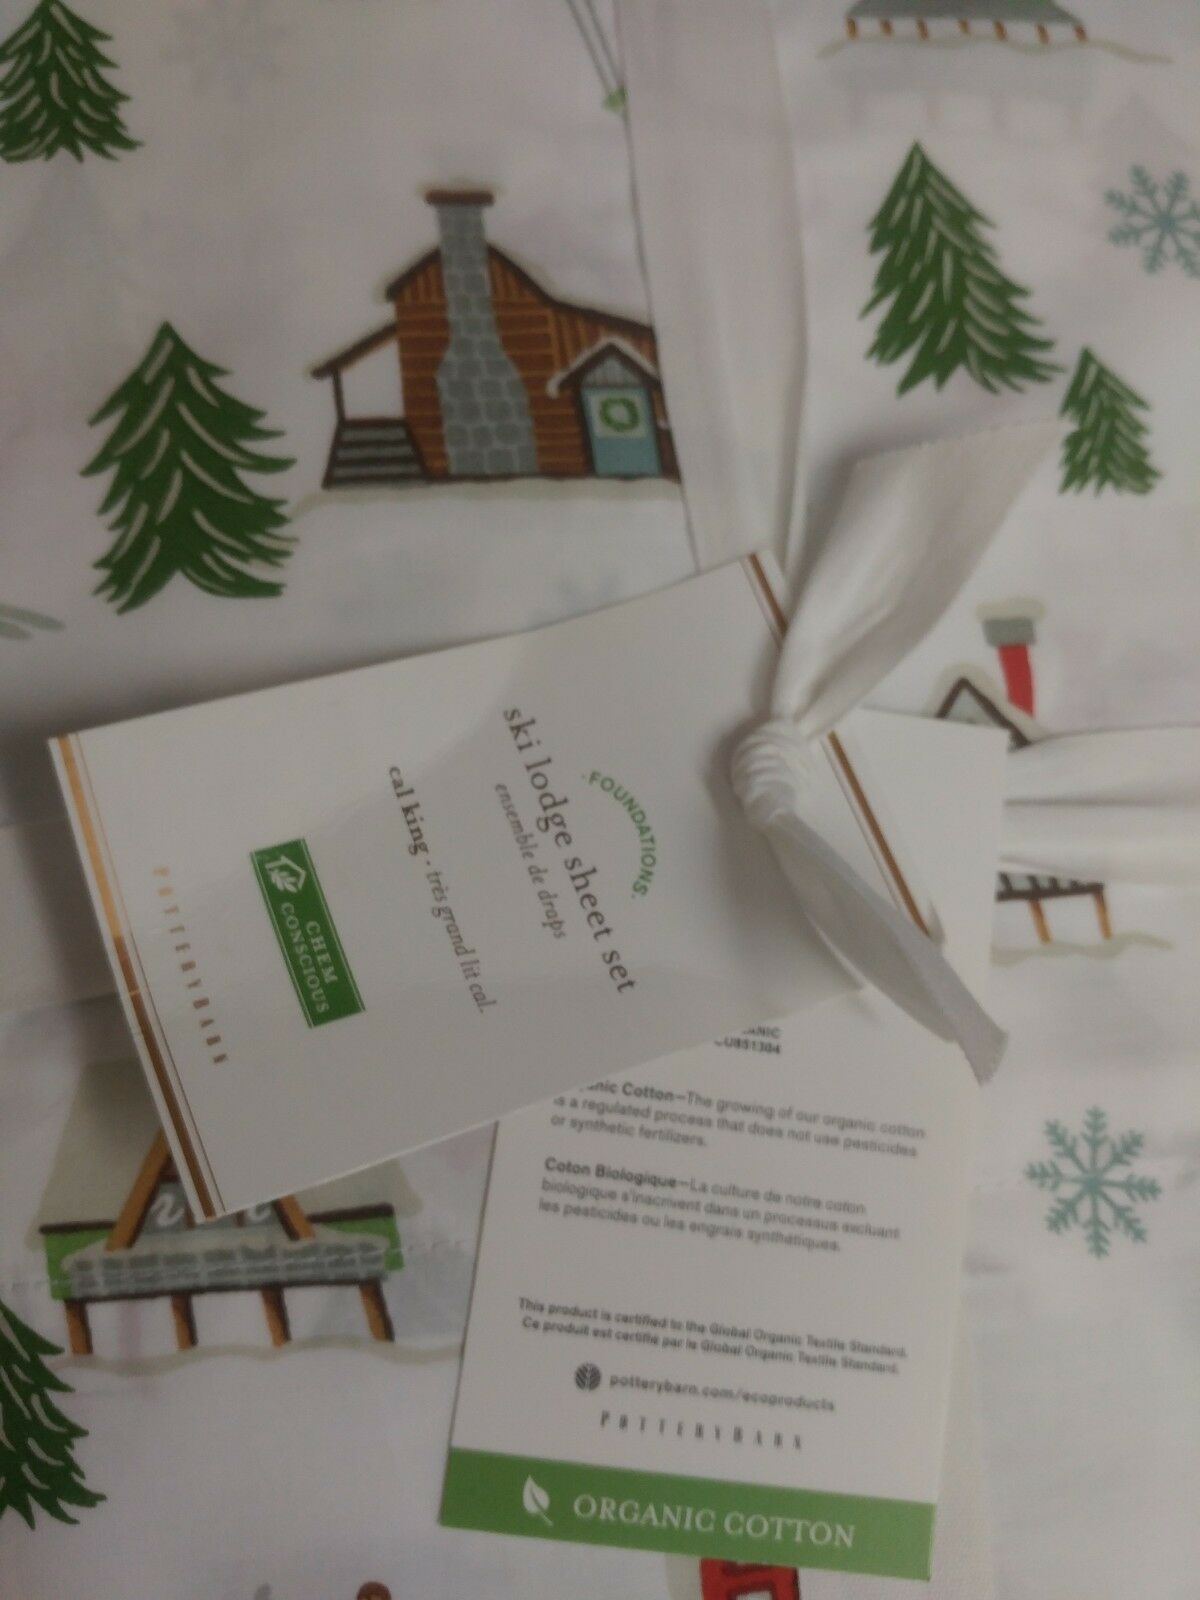 4pc Pottery Barn Ski Lodge Organic Percale Cal King Sheet Set Vintage Christmas